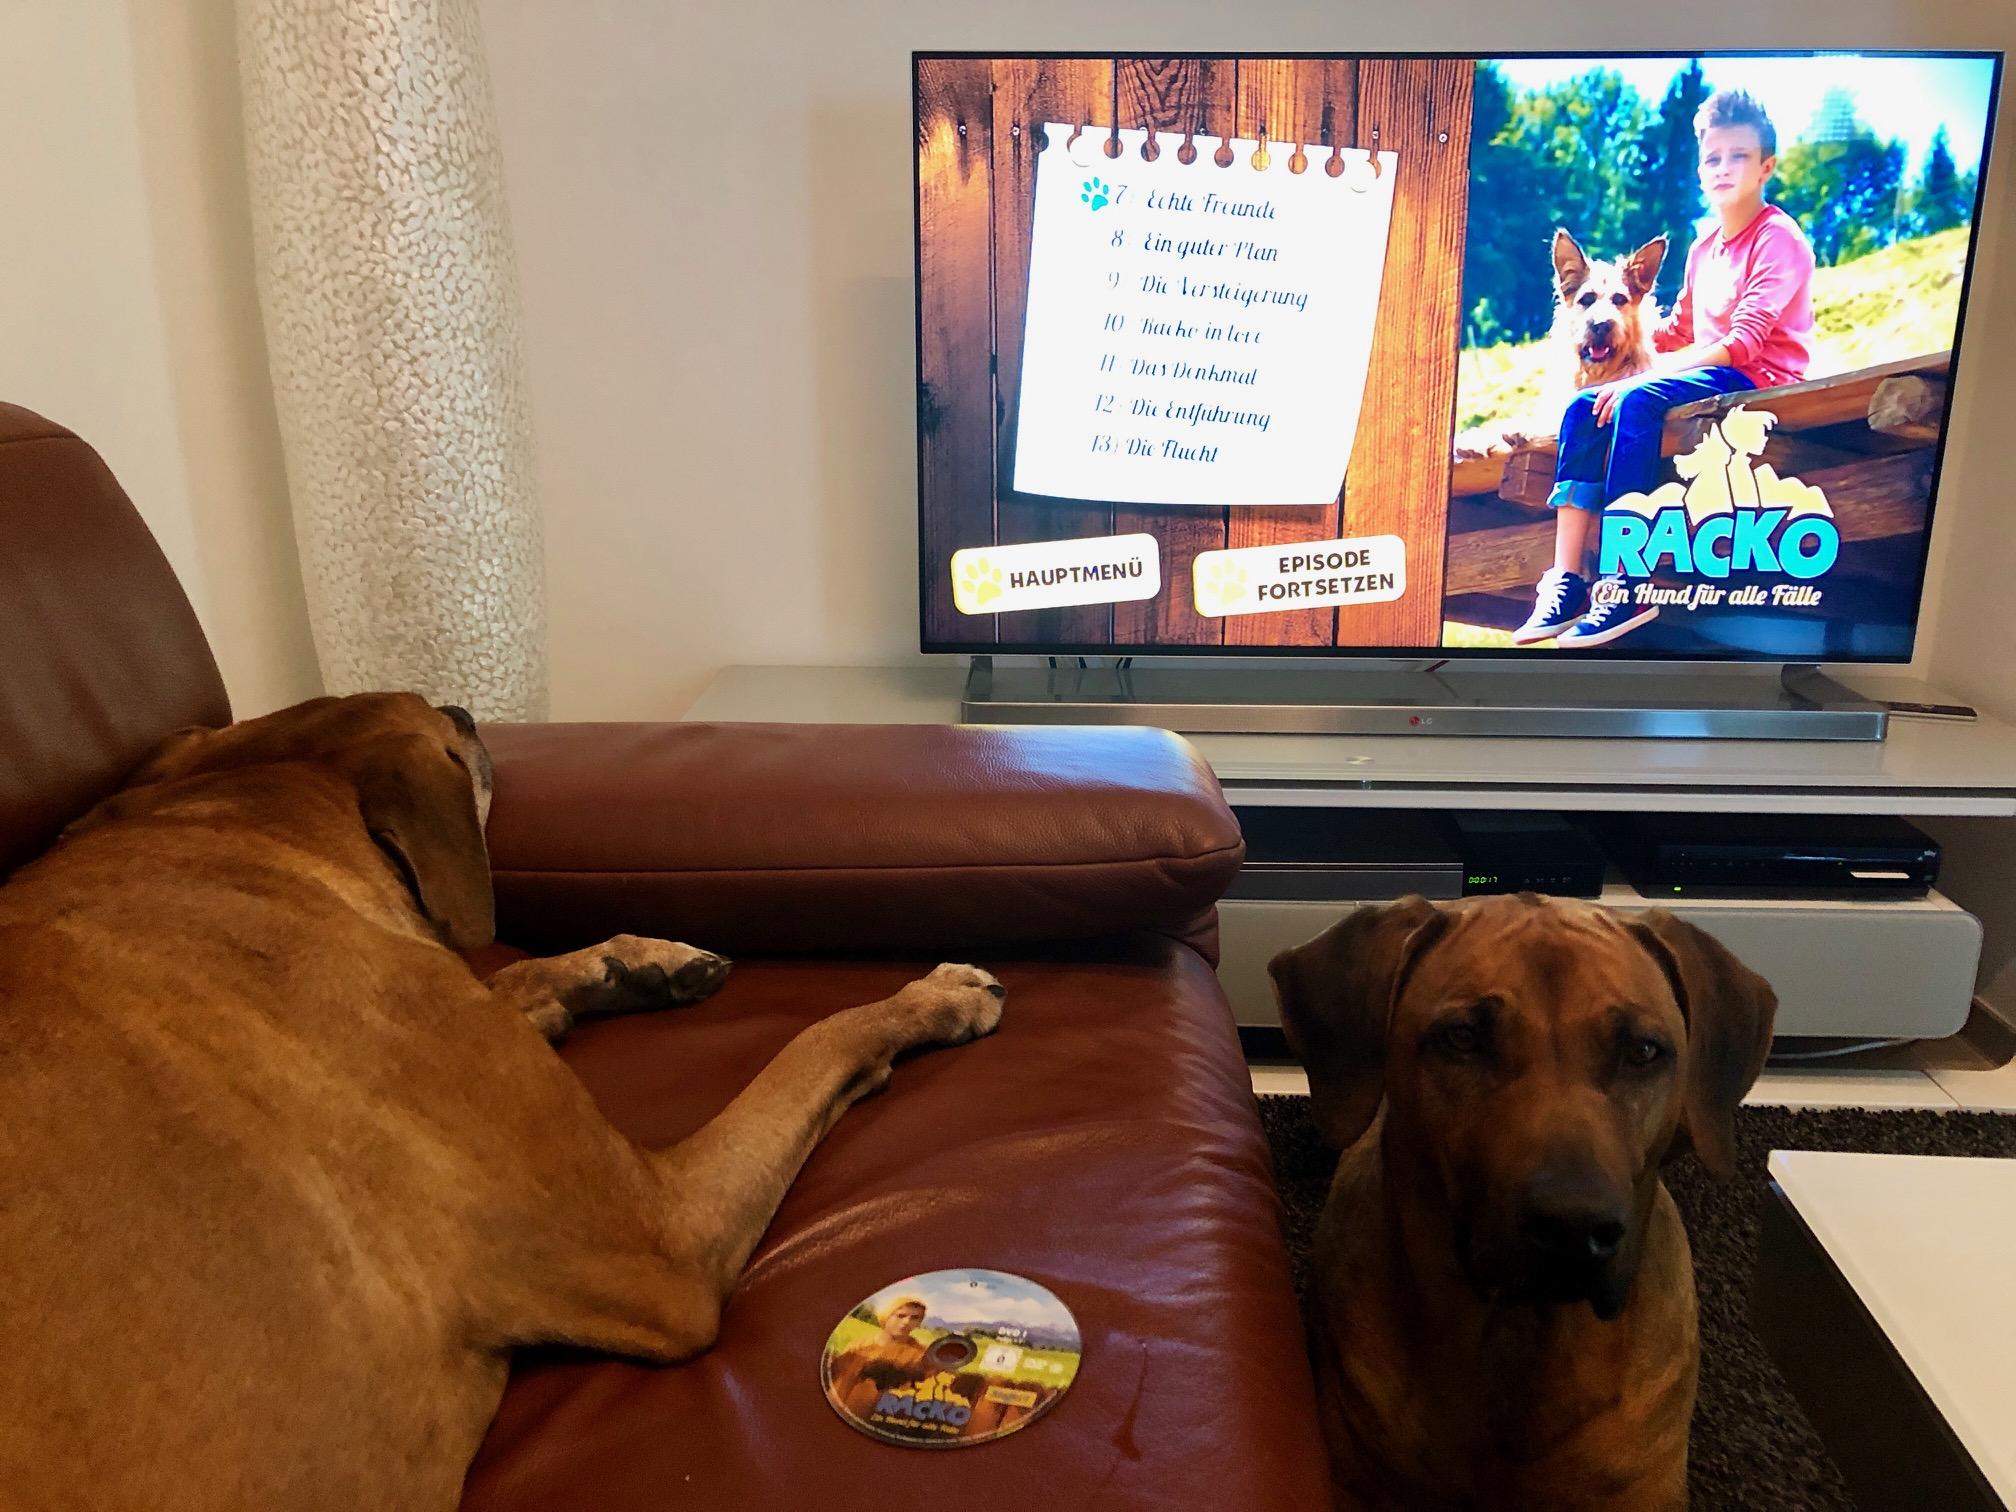 Für euch gesehen: Racko - ein Hund für alle Fälle